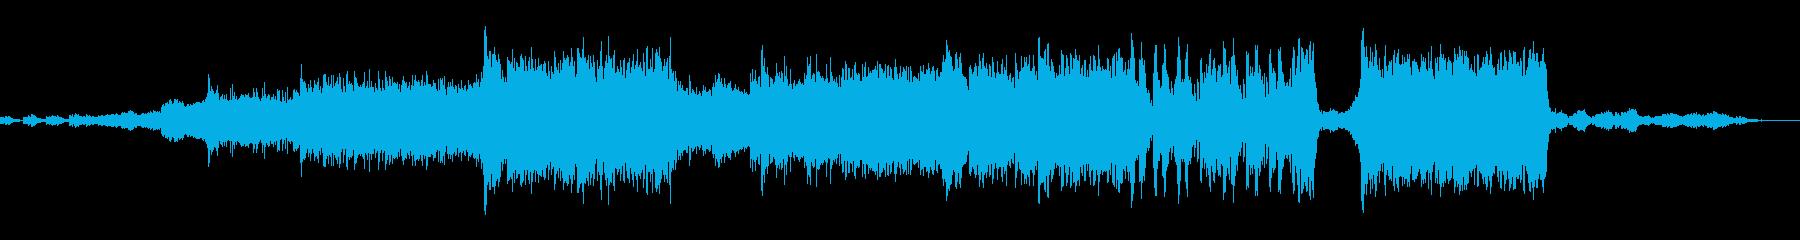 YAMATO メロディー無しの再生済みの波形